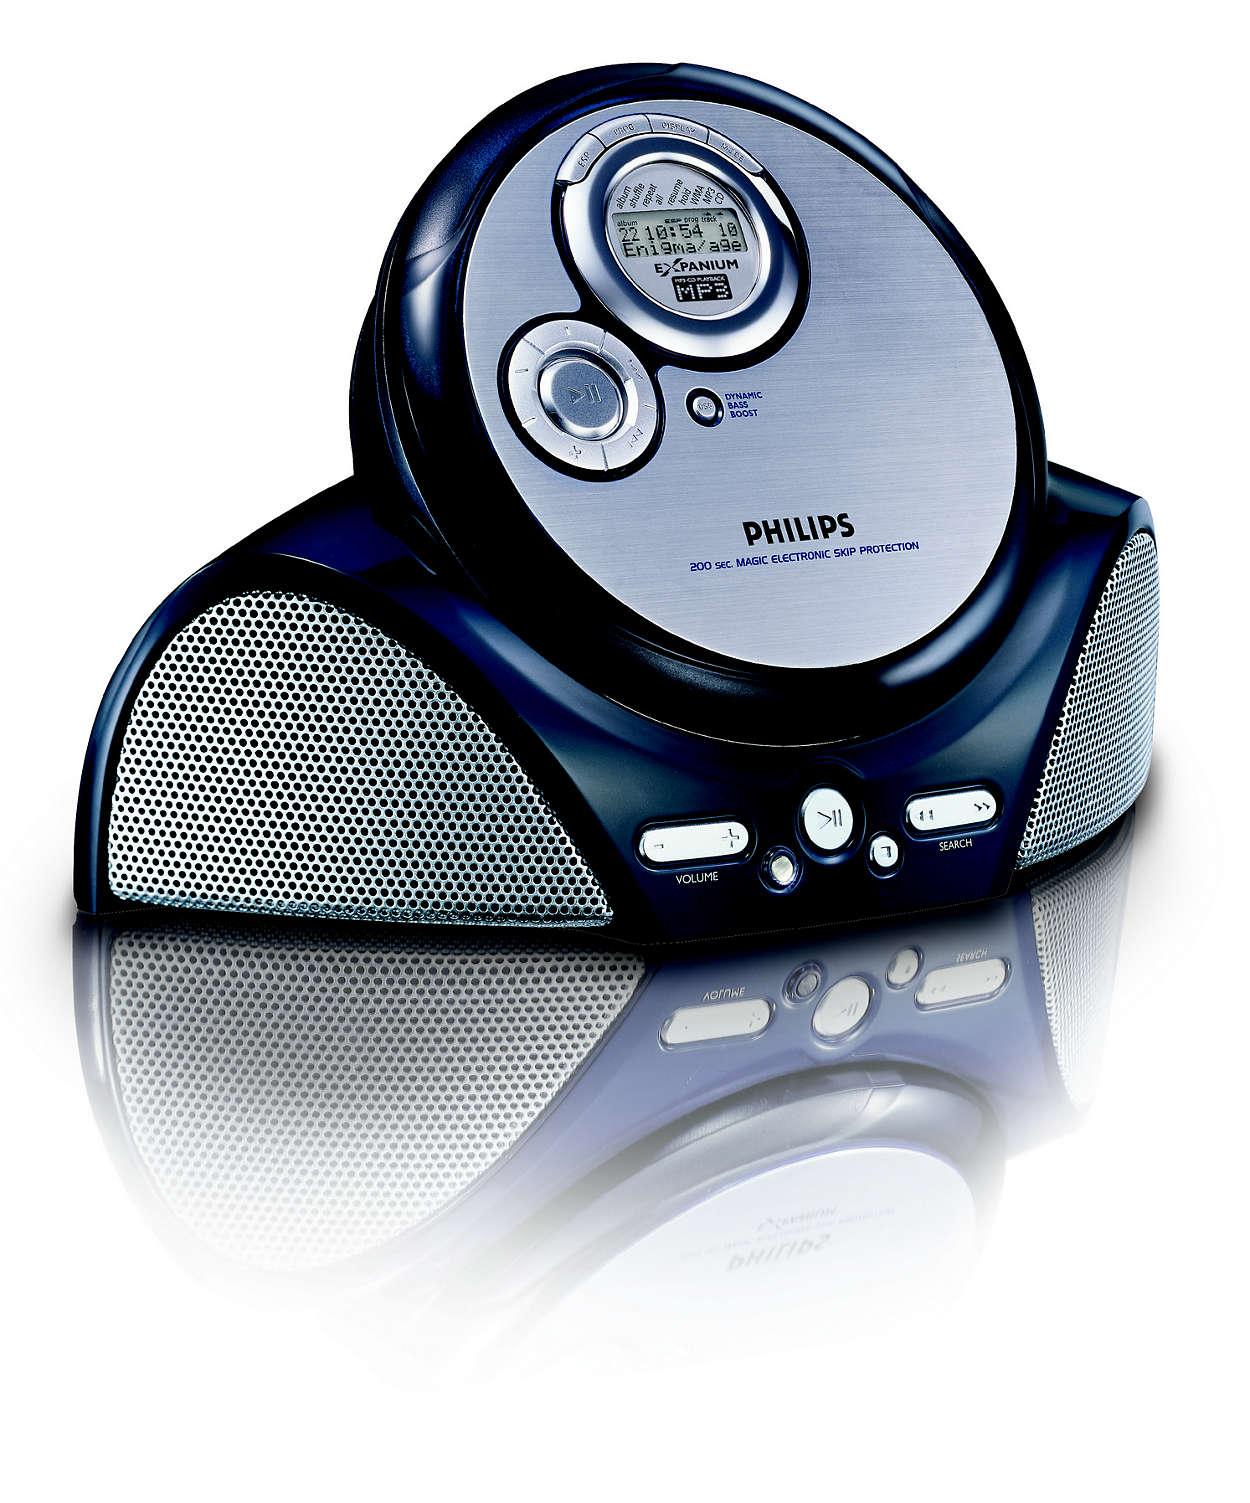 Apreciar música MP3 à sua maneira